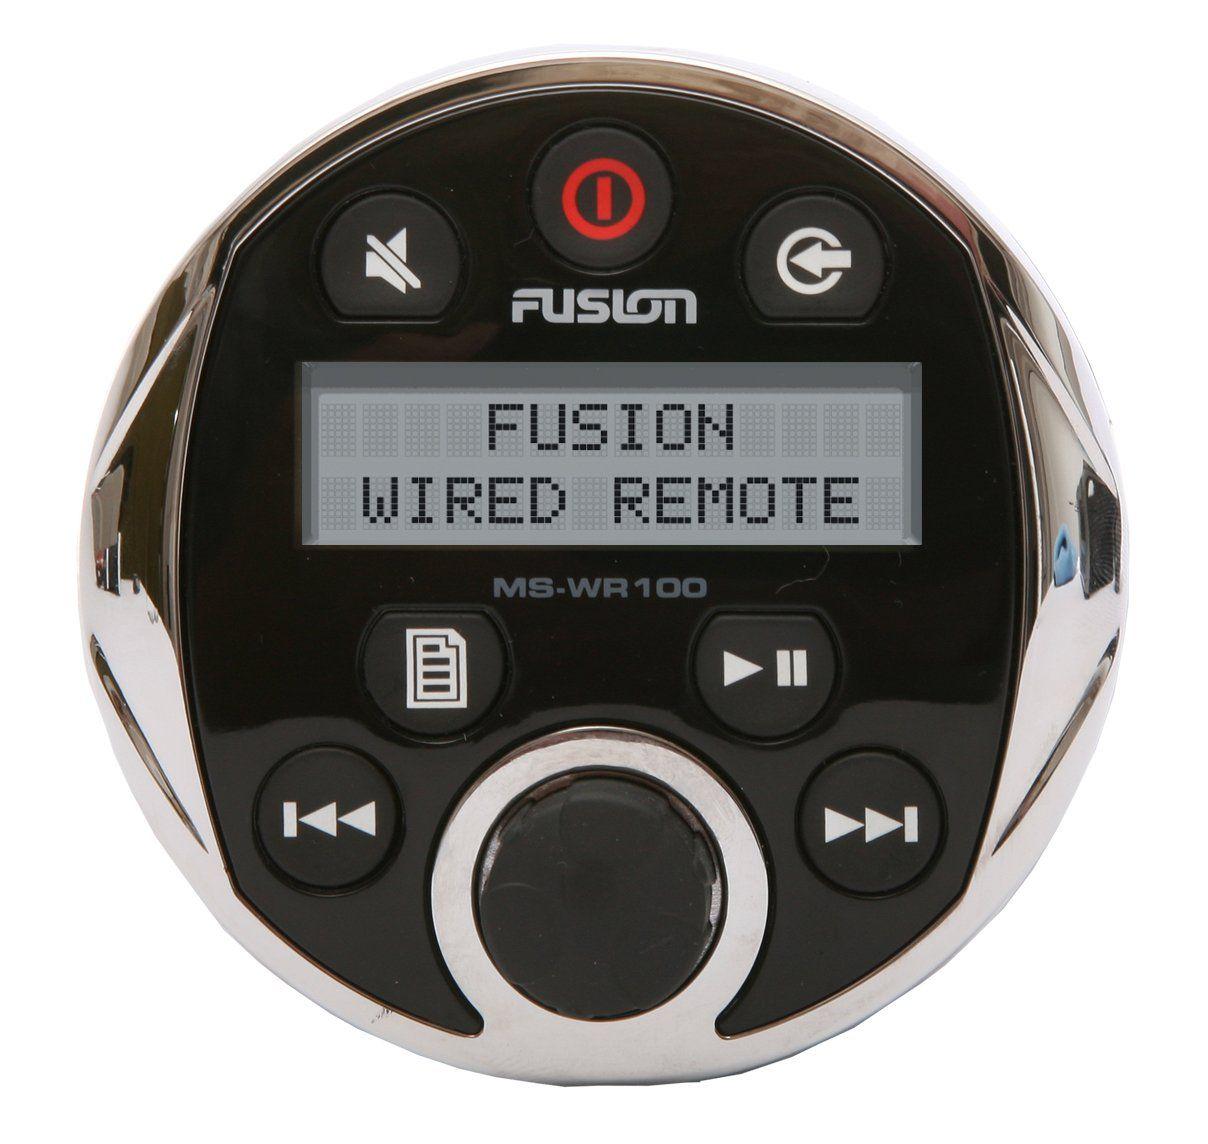 Fusion MSWR600 Marine Wired Remote Control